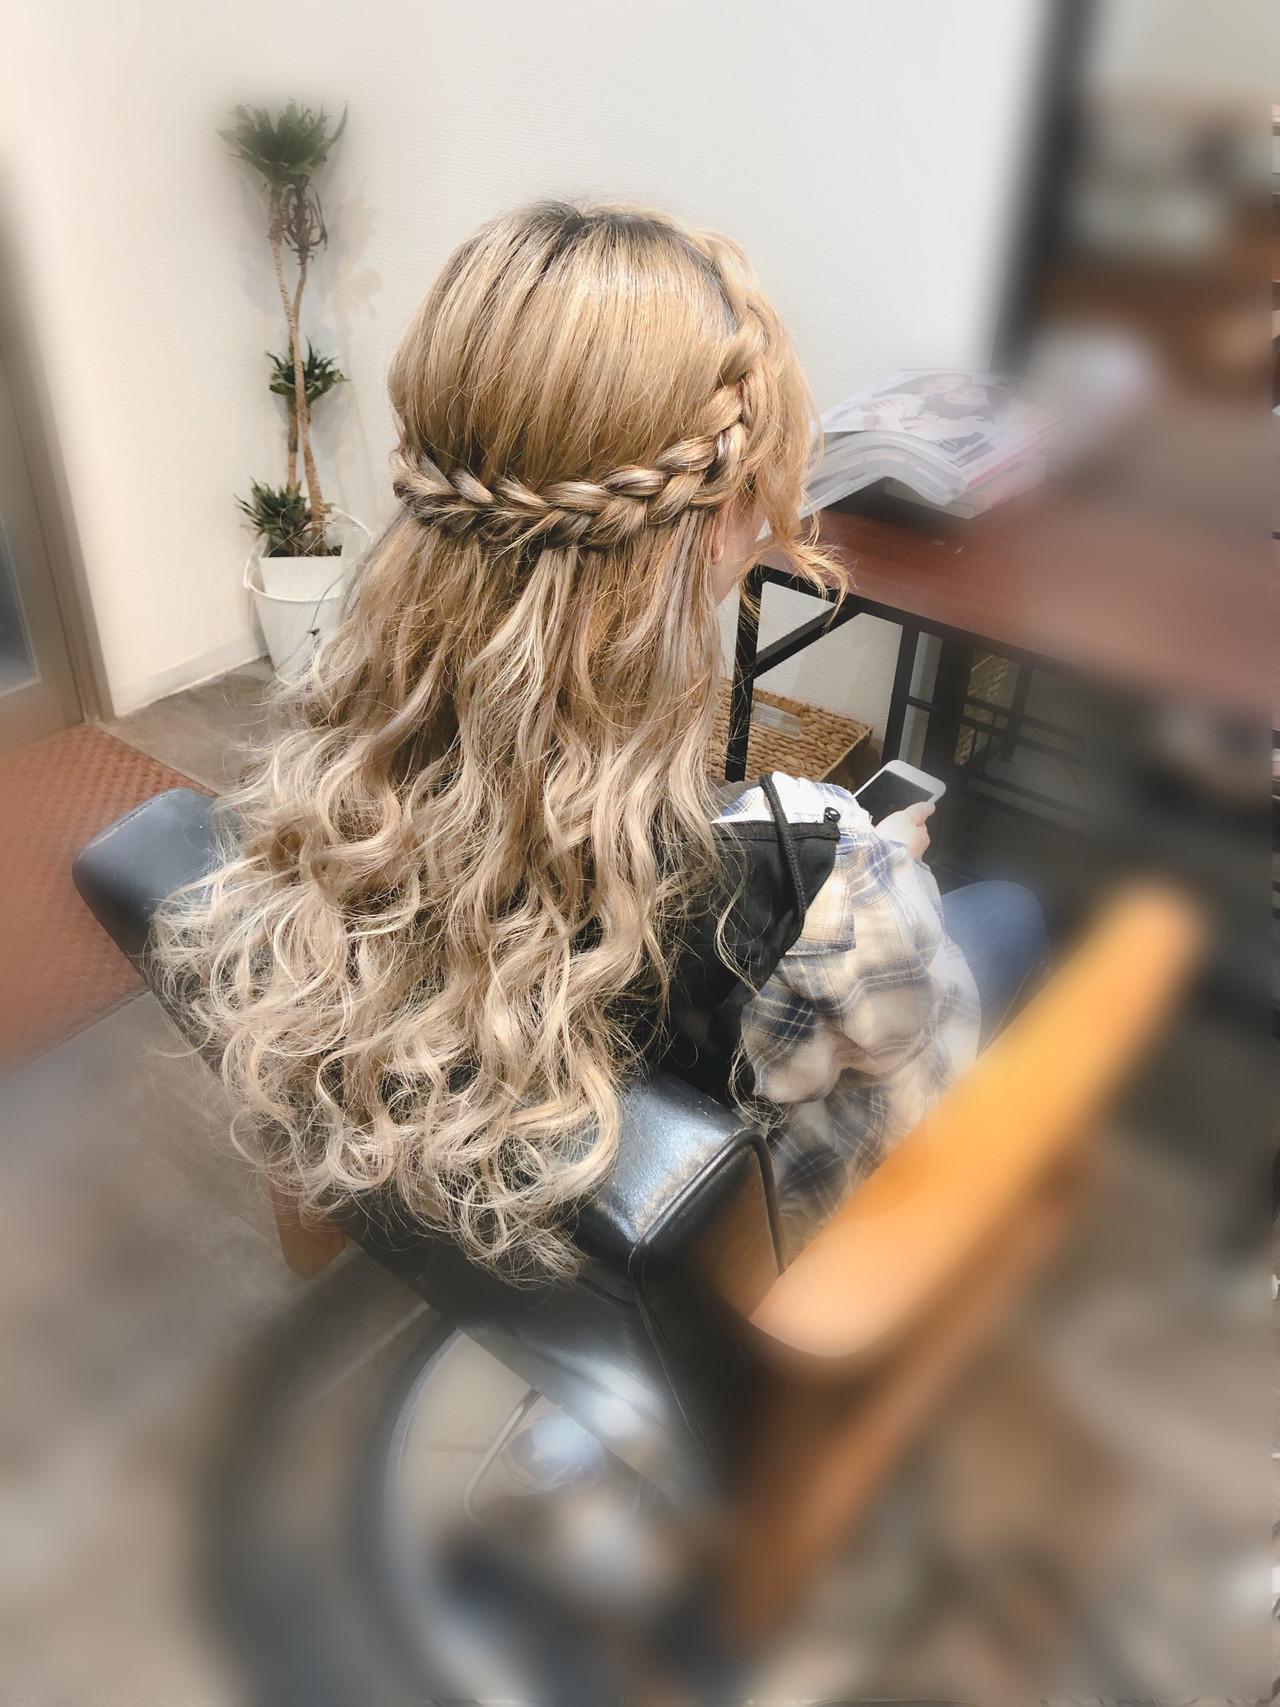 編みおろしヘア ヘアセット ロング ハーフアップ ヘアスタイルや髪型の写真・画像